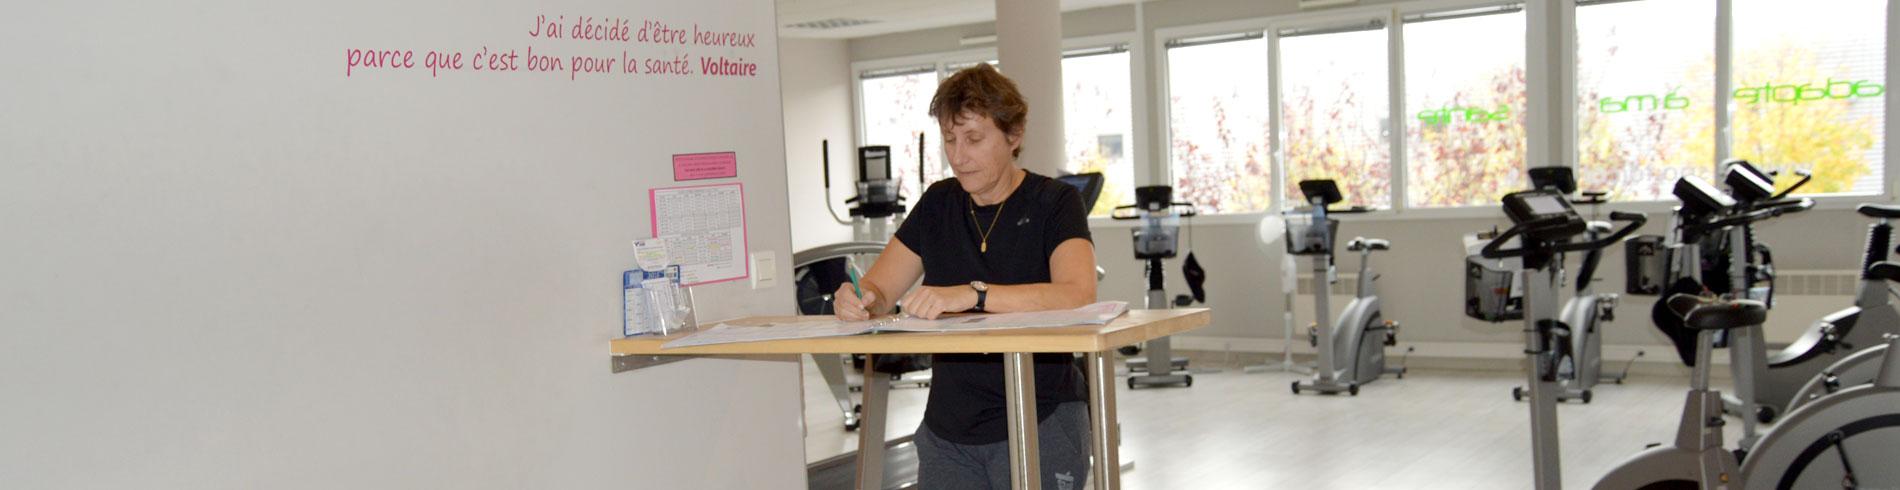 La salle SportDical est soutenue par des professionnels de santé à Saint-Malo